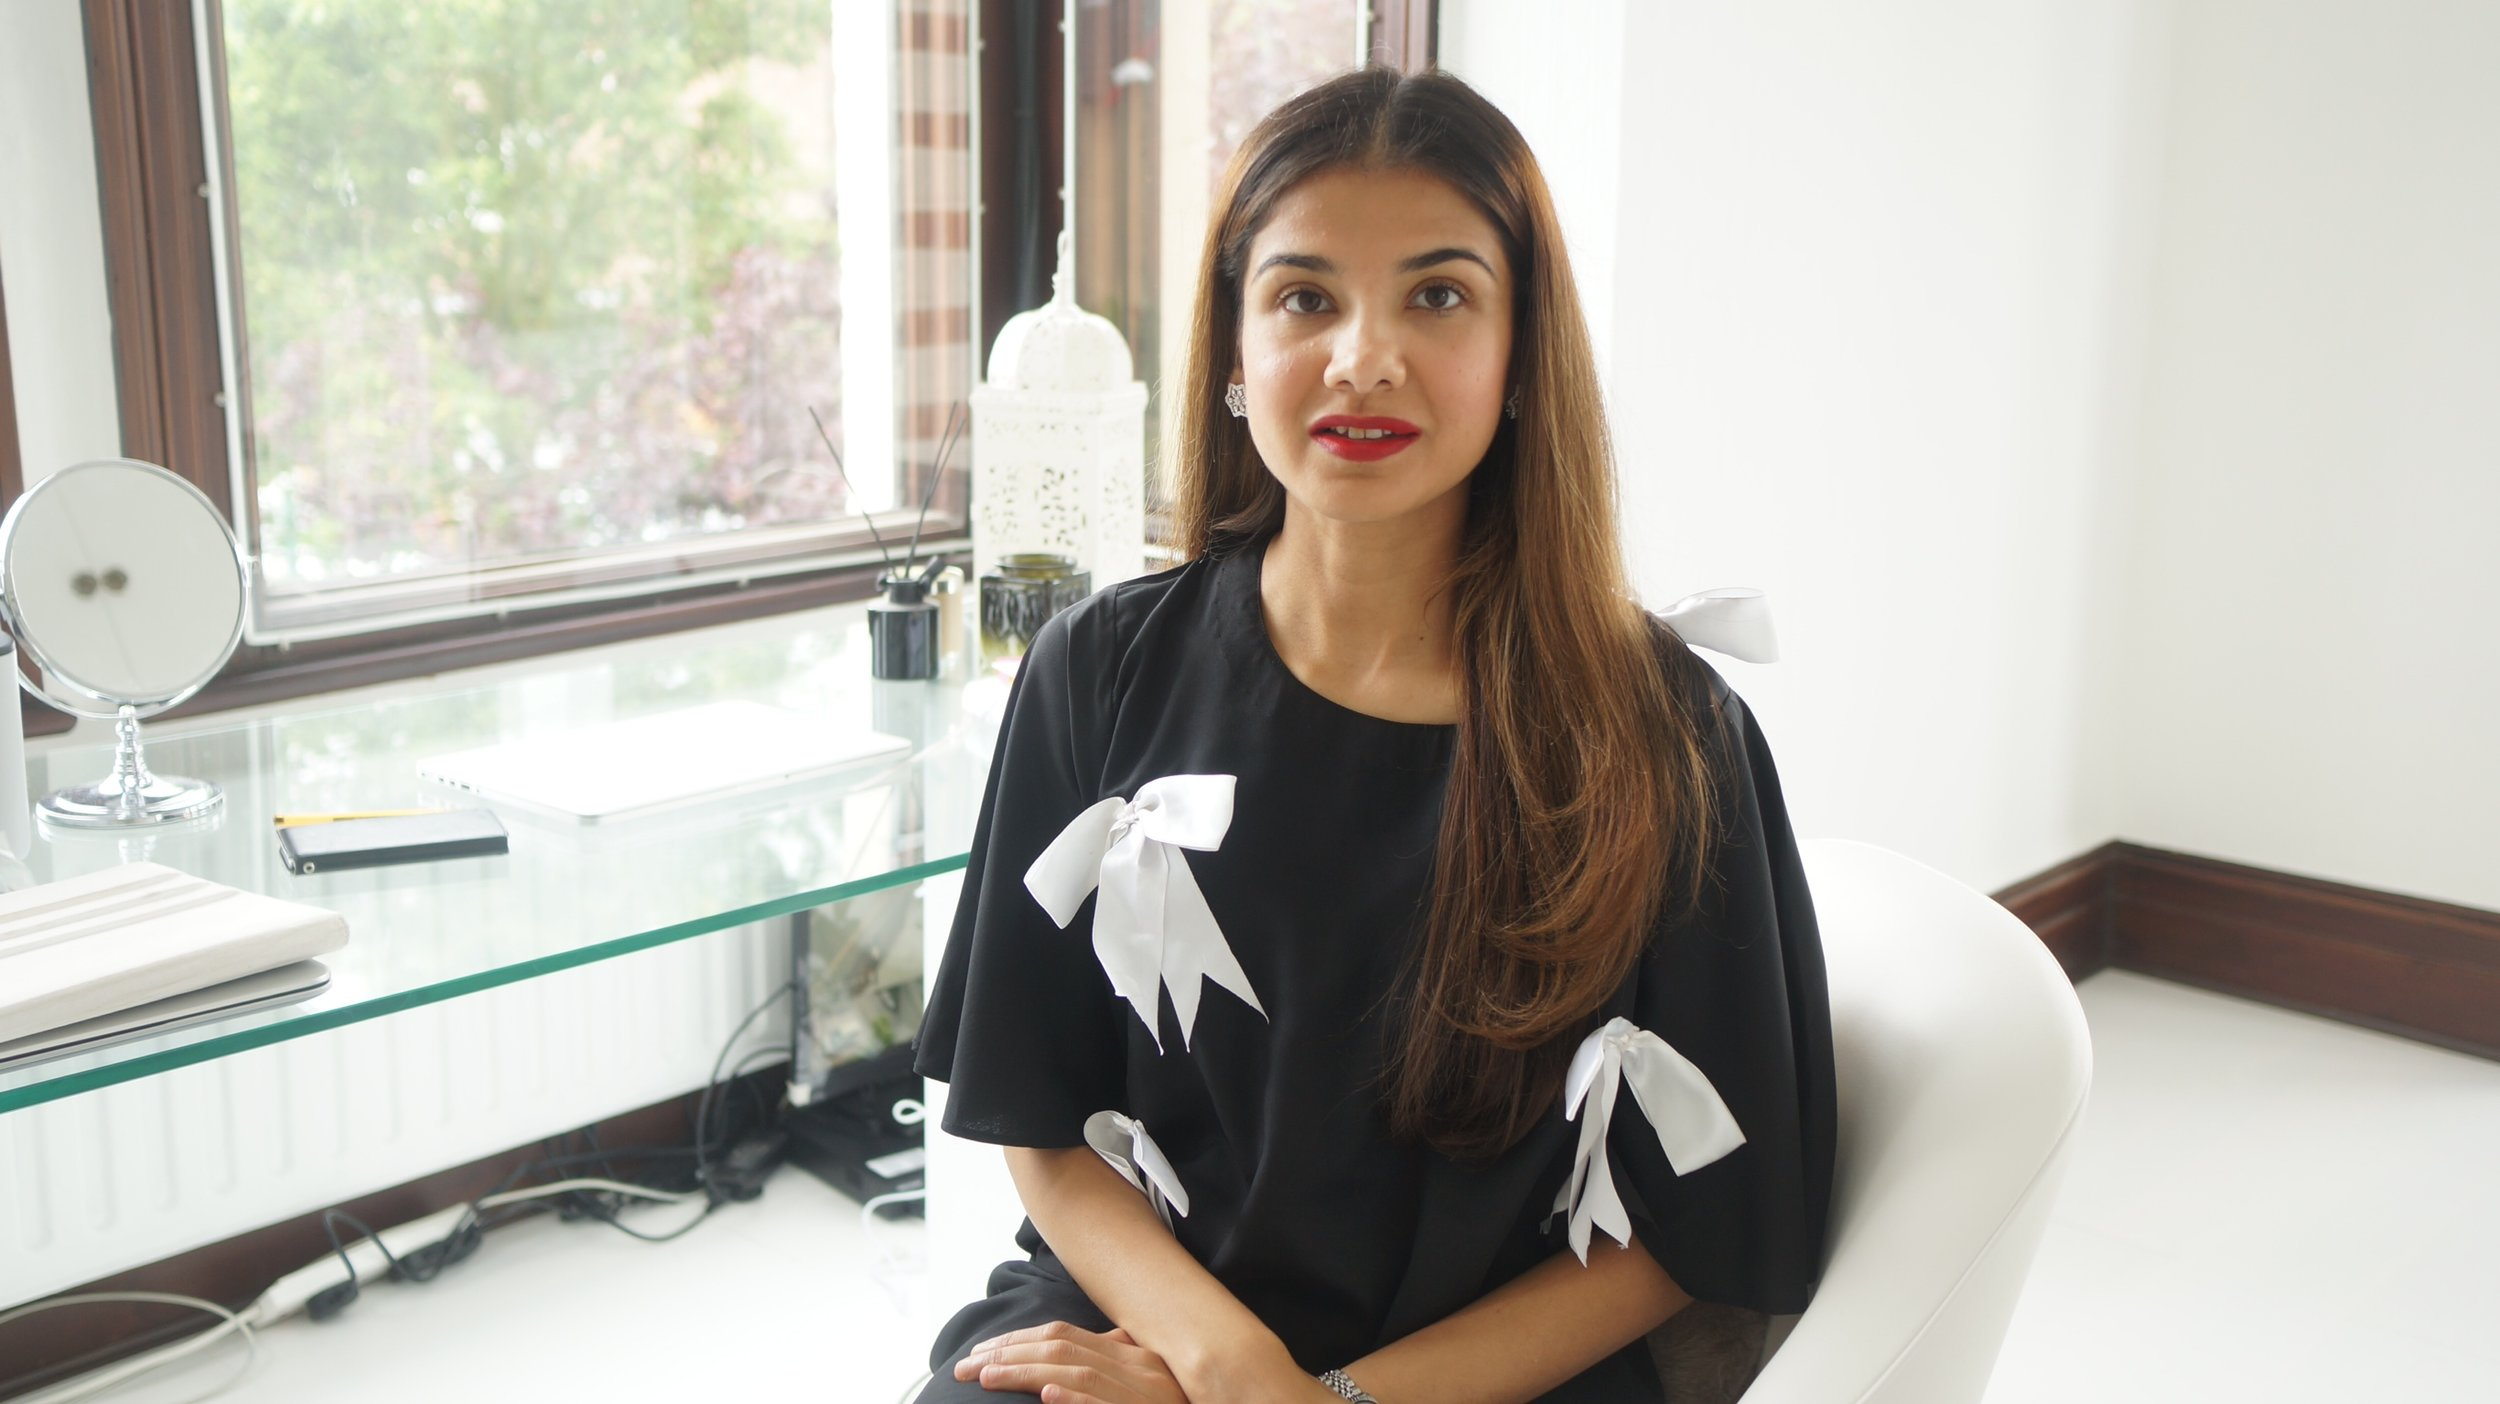 Image: Ayesha Mustafa / Founder of Fashion Compassion